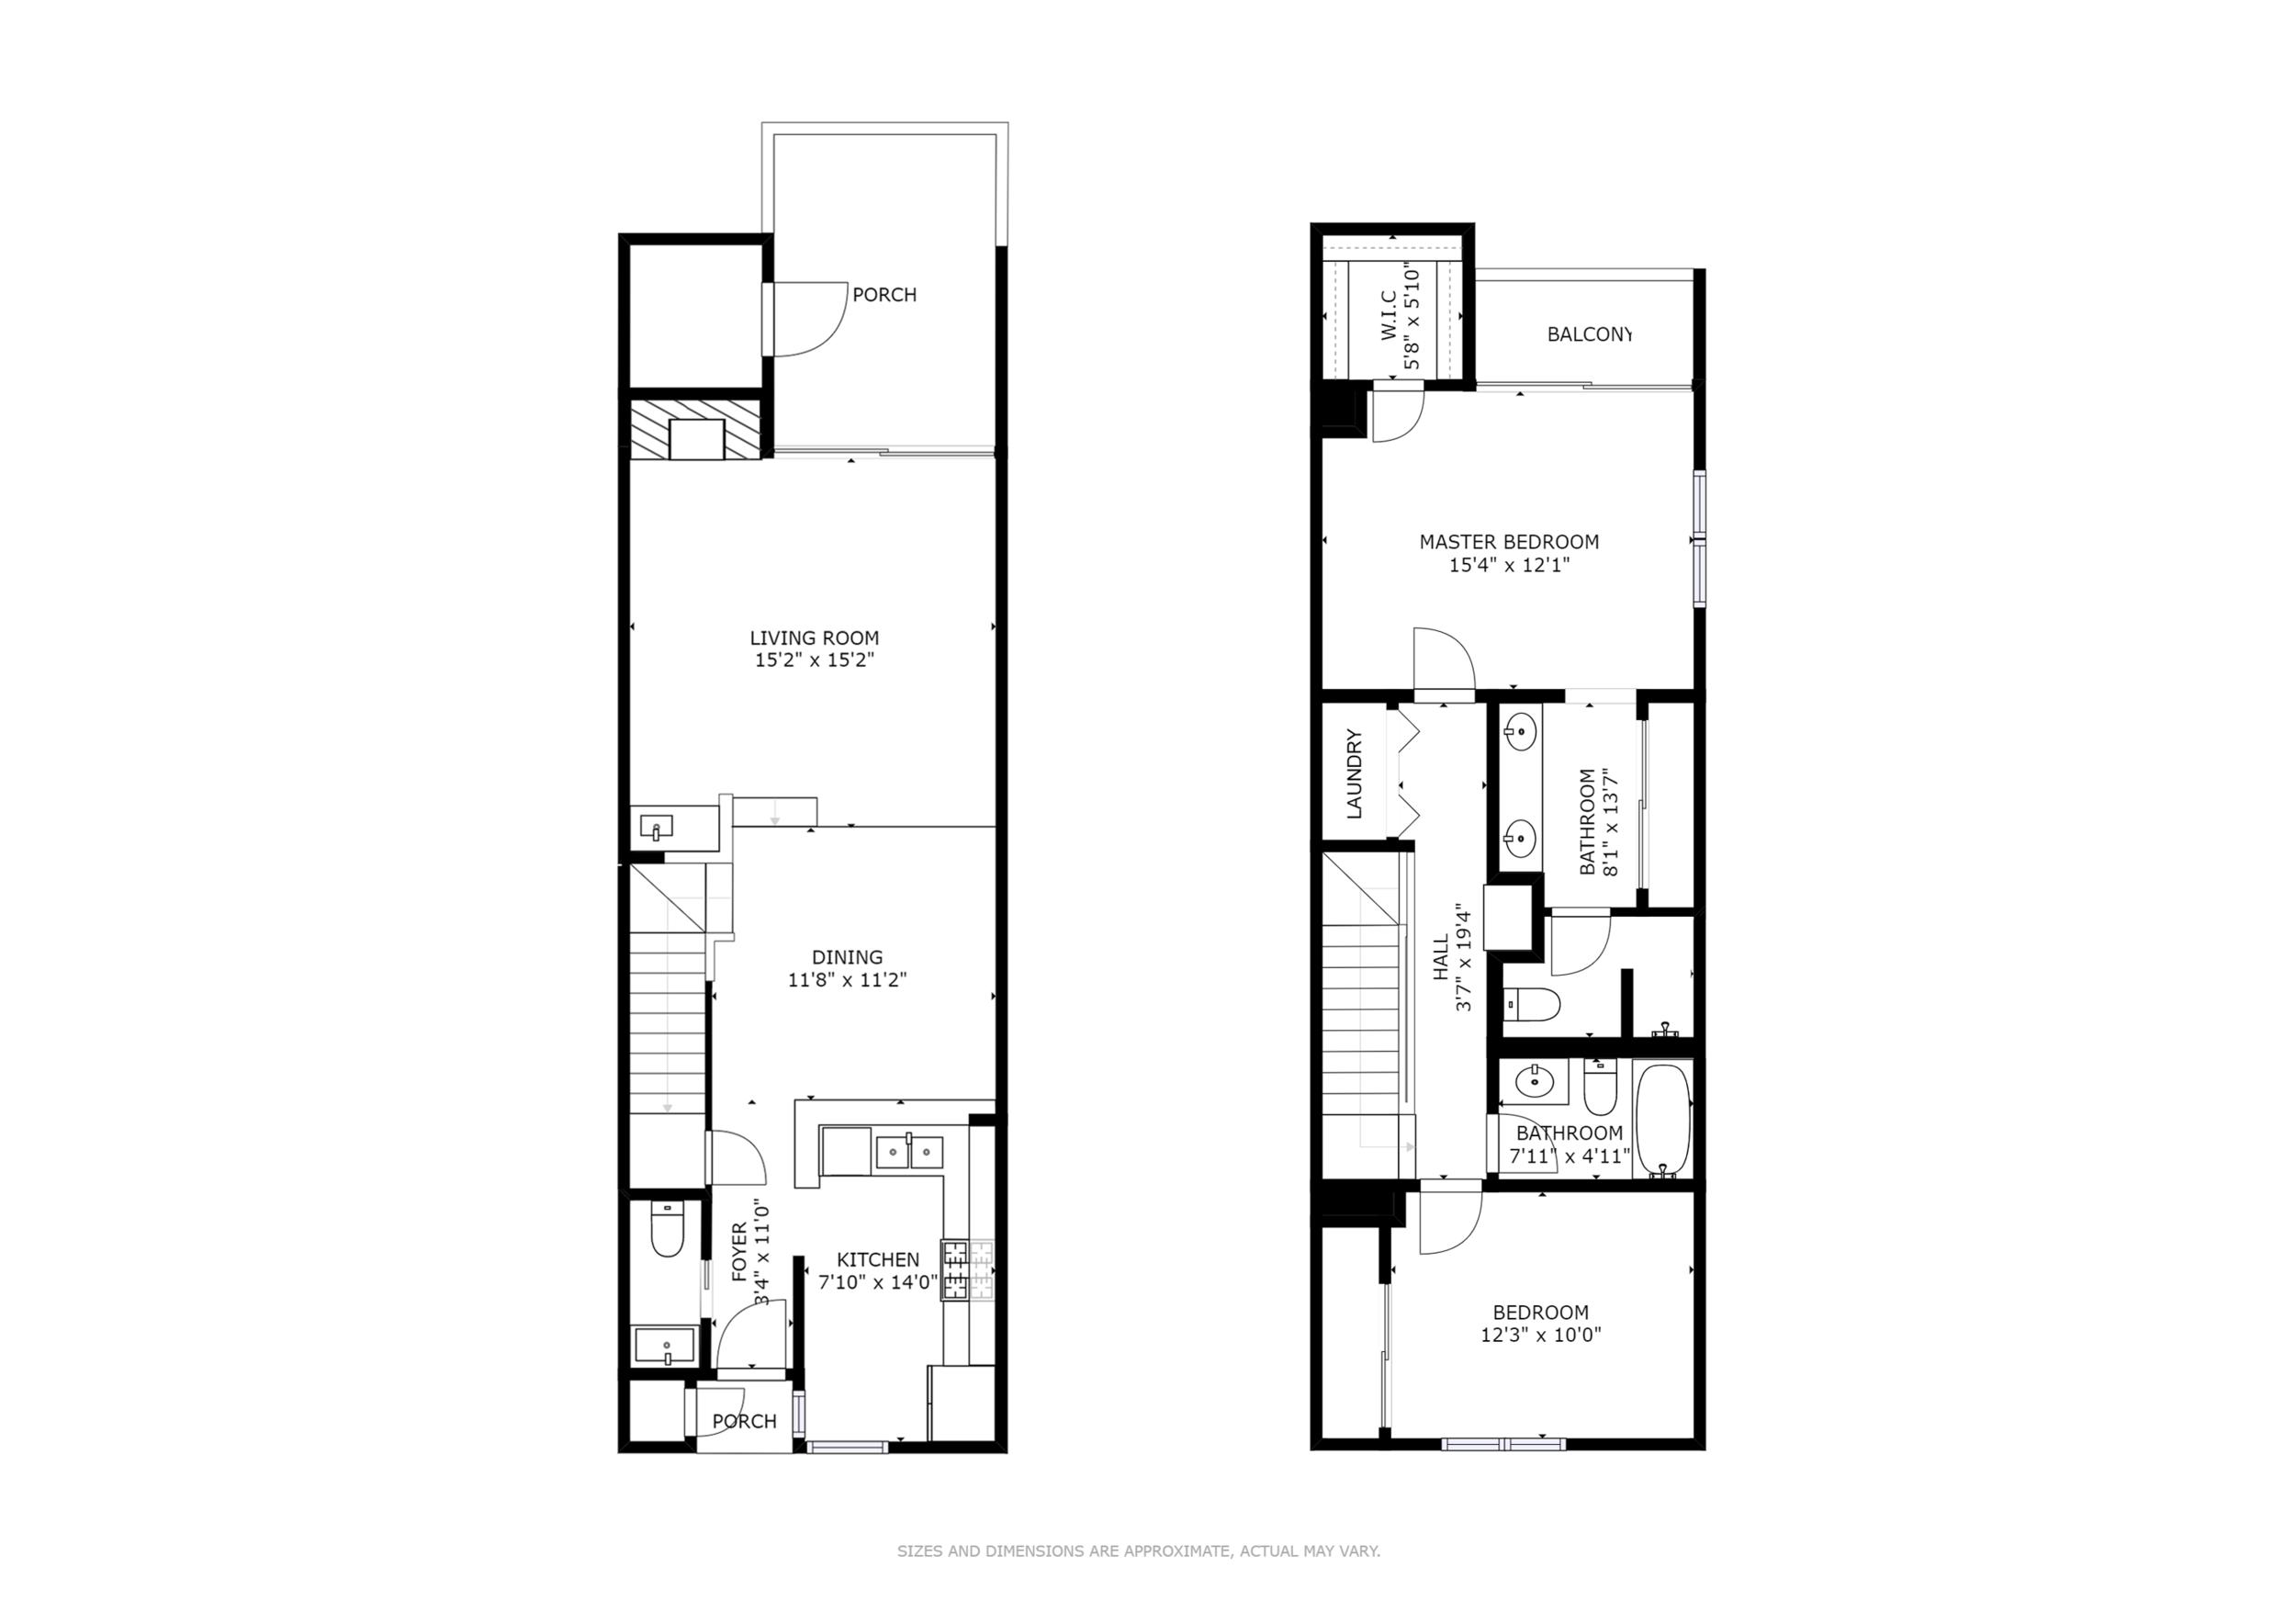 floorplan - combine.png